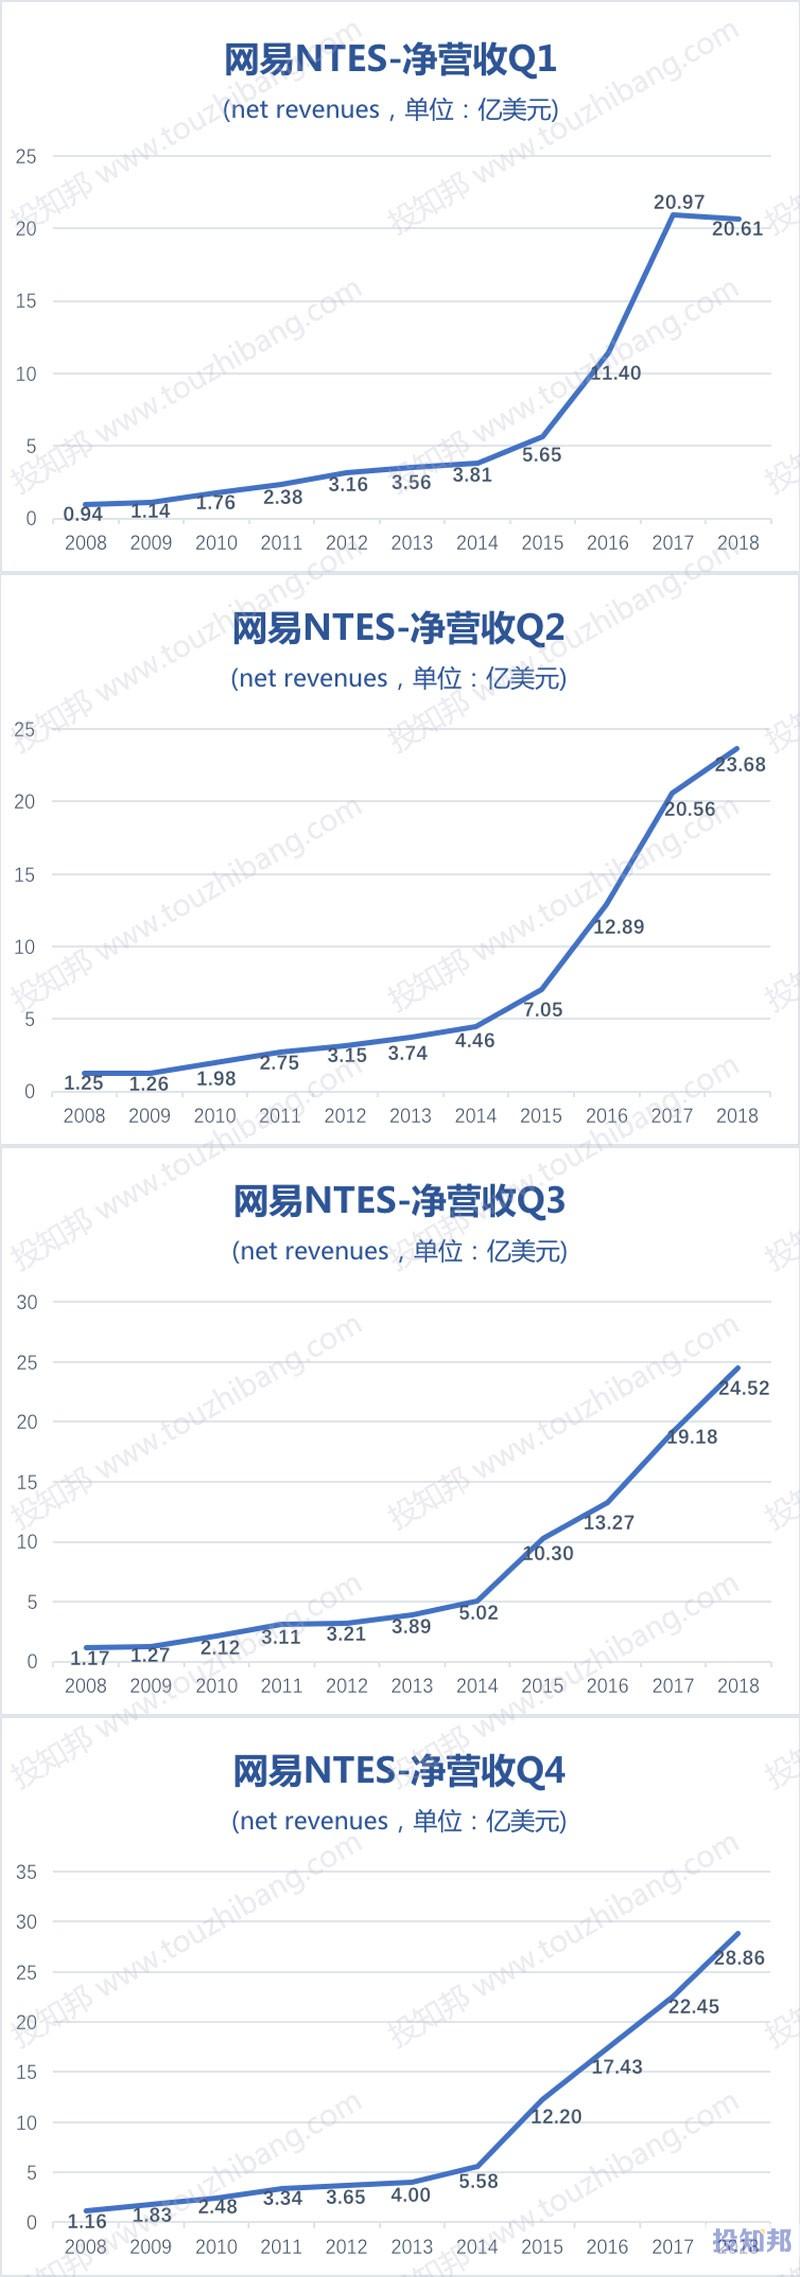 图解网易(NTES)财报数据(以美元计,2008~2018年,更新)